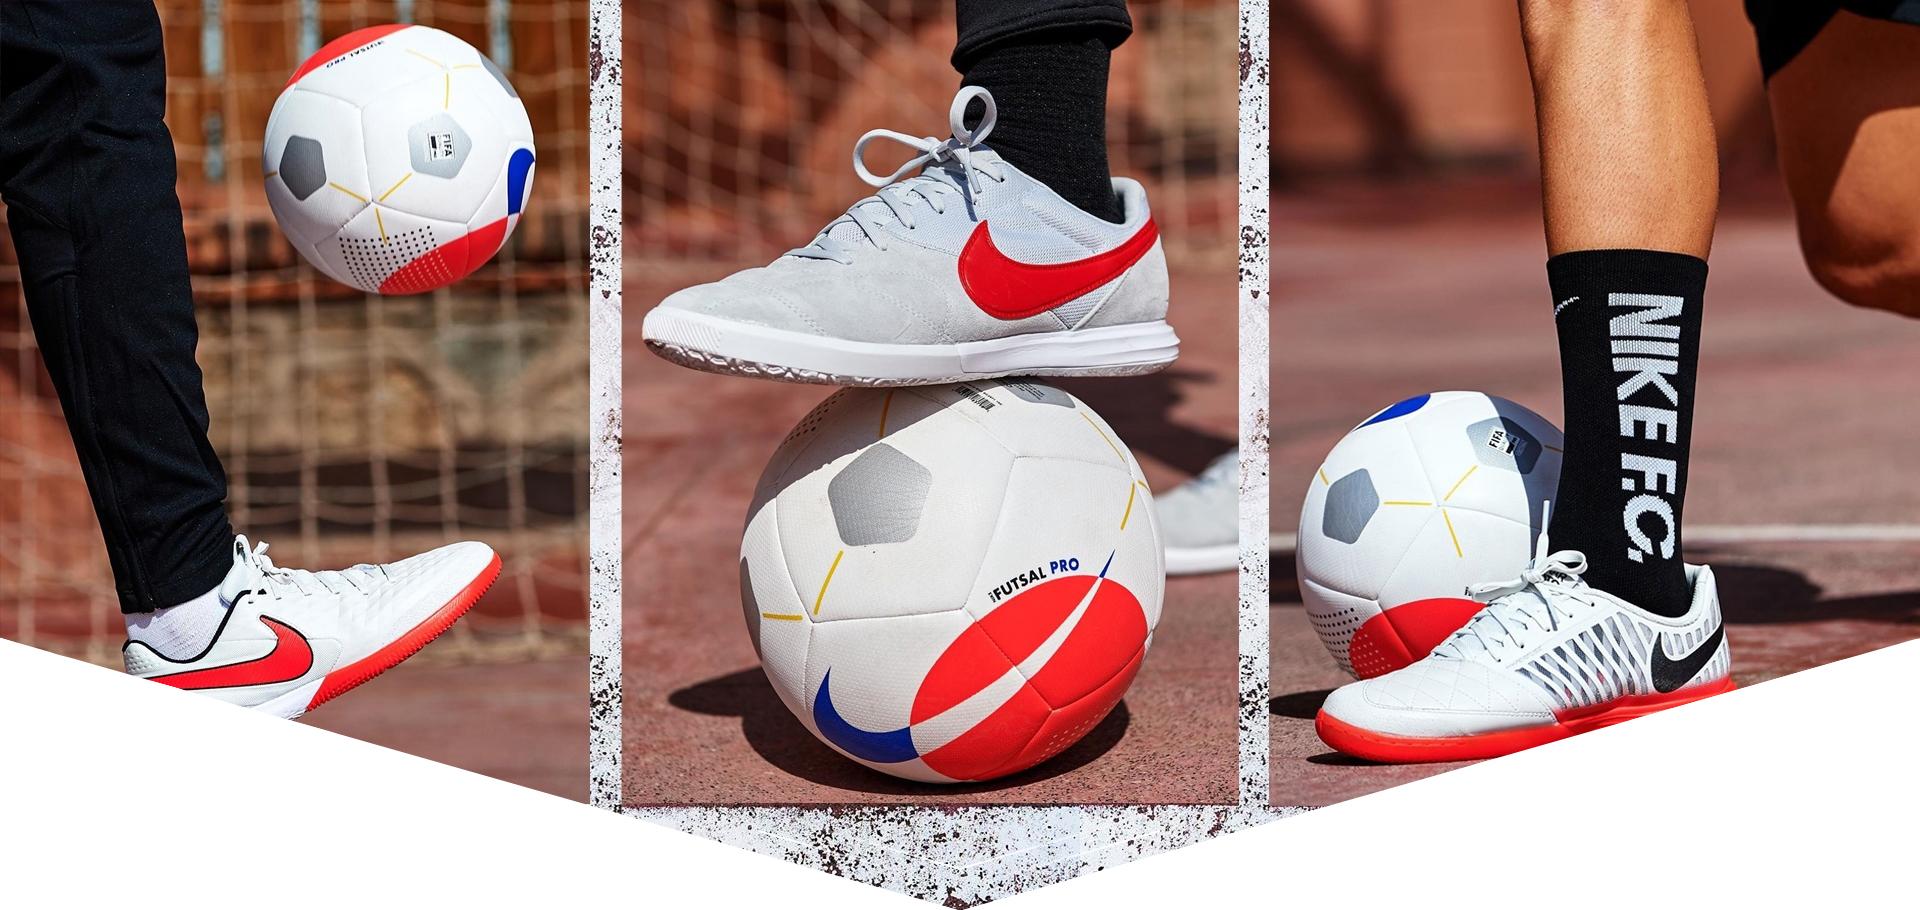 Giày đá banh chính hãng. Giày đá banh Nike. Giày đá banh Futsal. Nike Tiempo VIII.